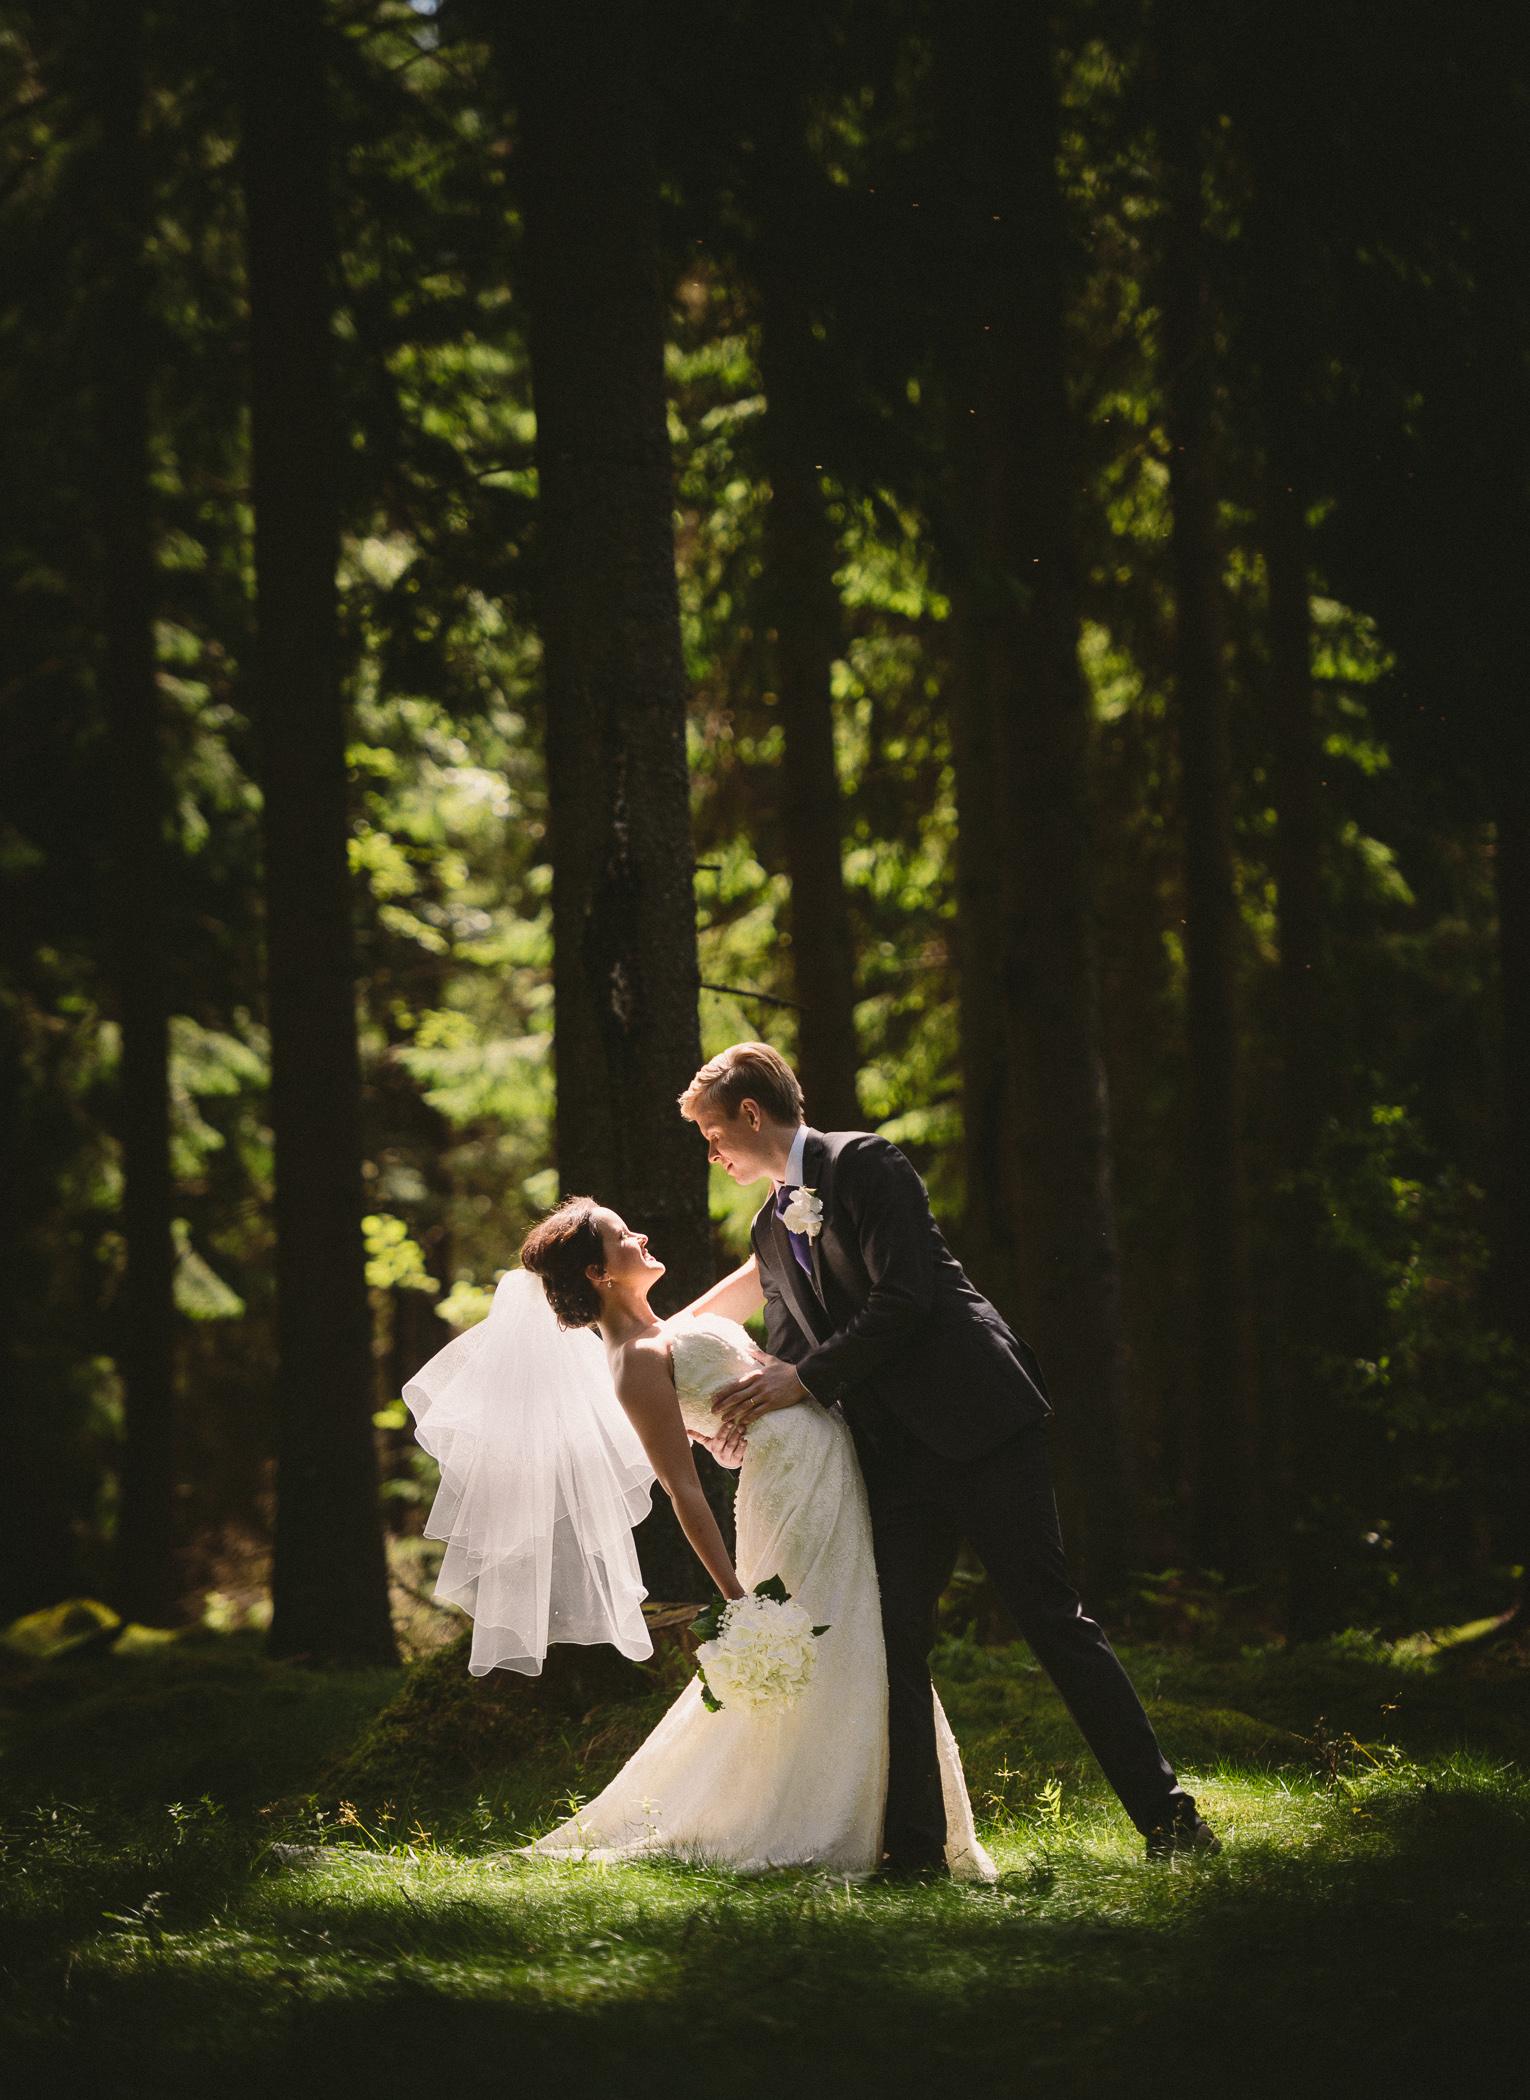 Sveriges bästa bröllopsbild 2013 enligt Bröllopsguiden